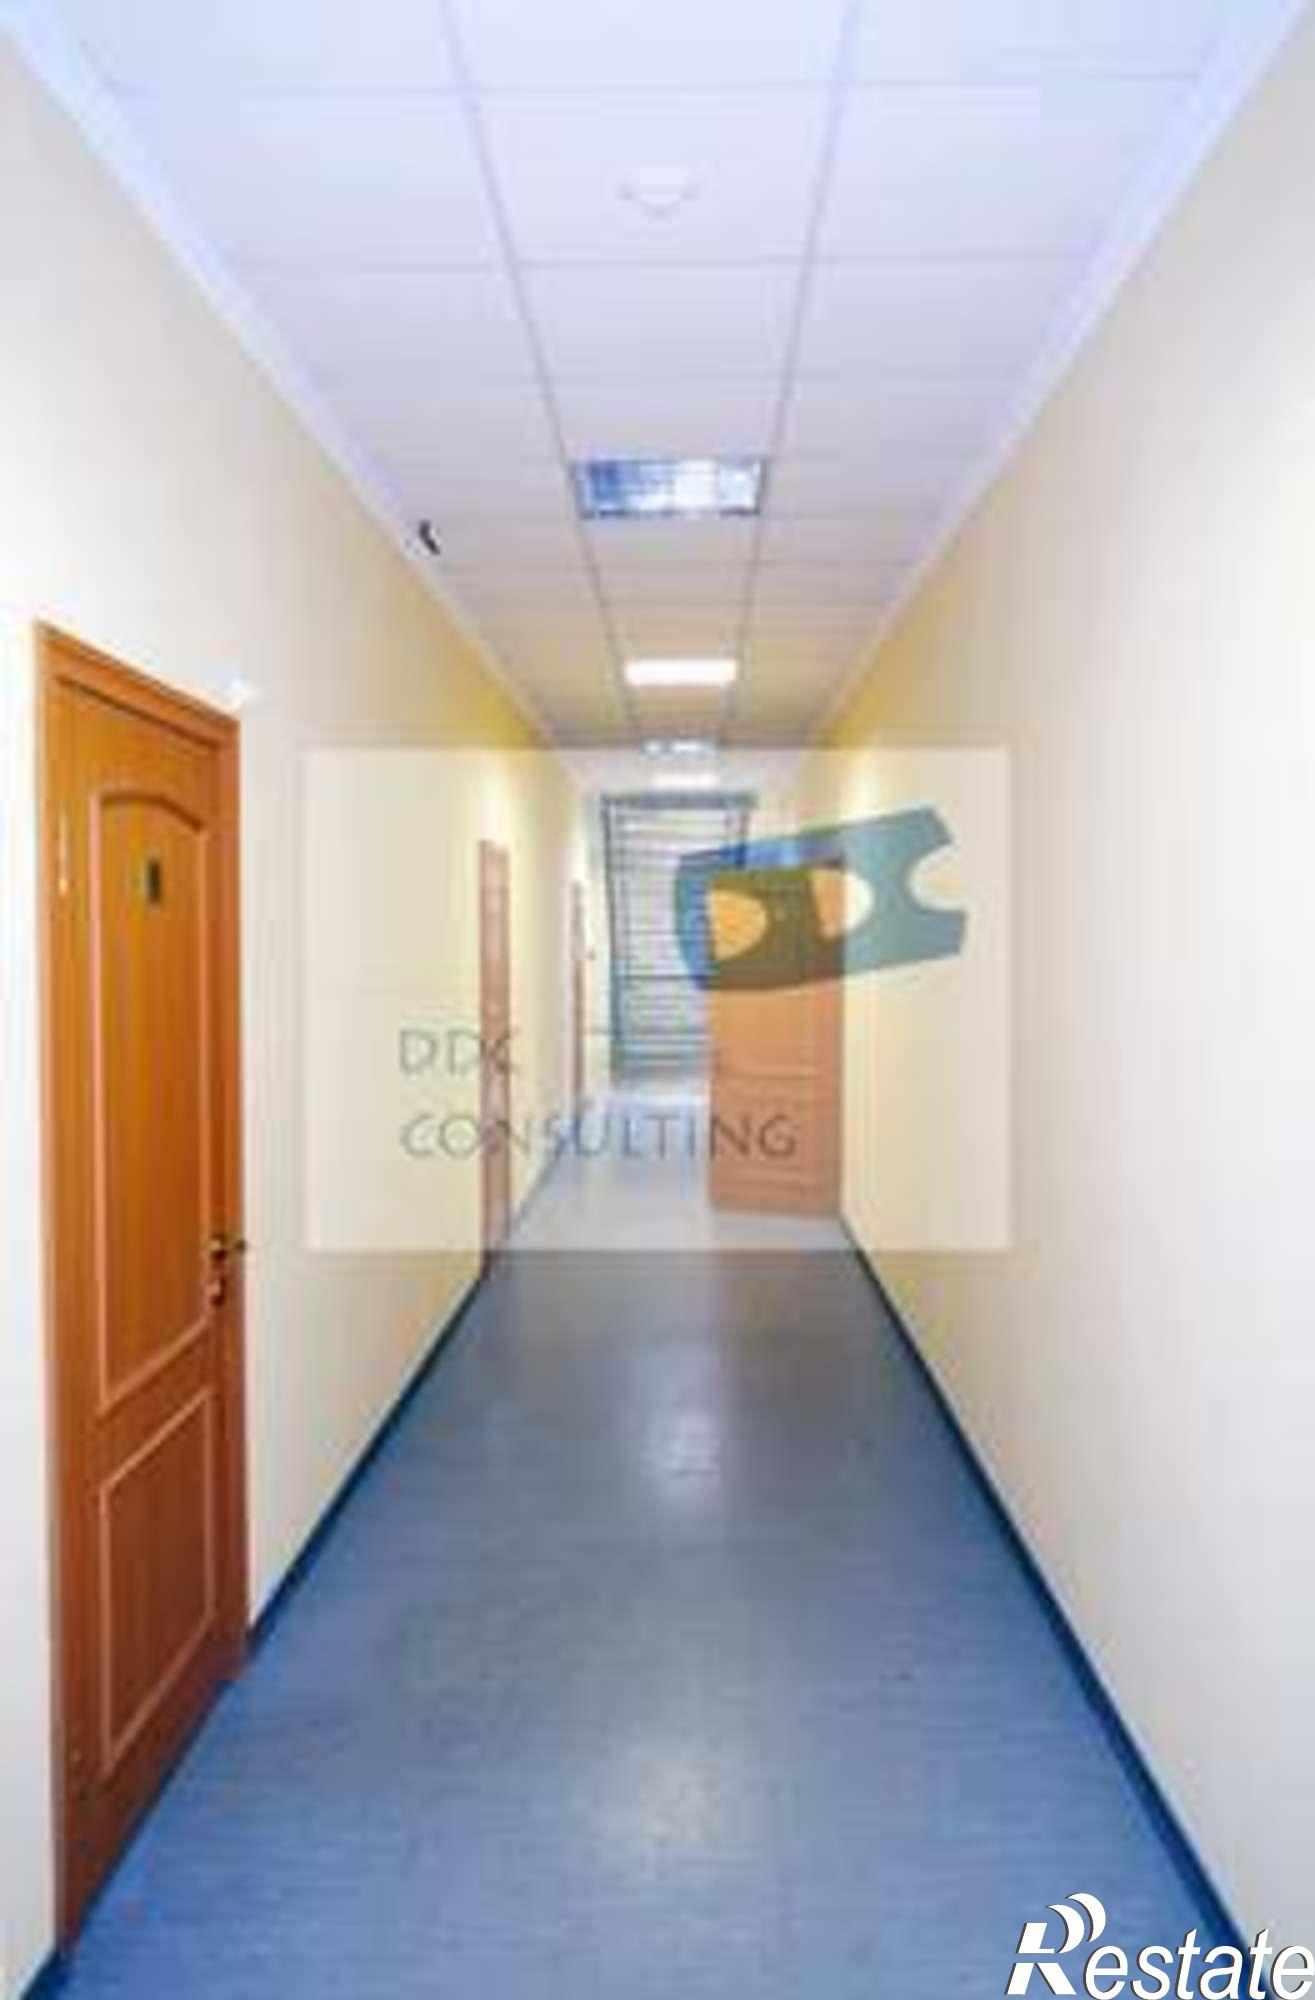 Сдать офис, помещение под офис за 18 200 рублей на Ростов-на-Дону г, Комарова б-р, 28г